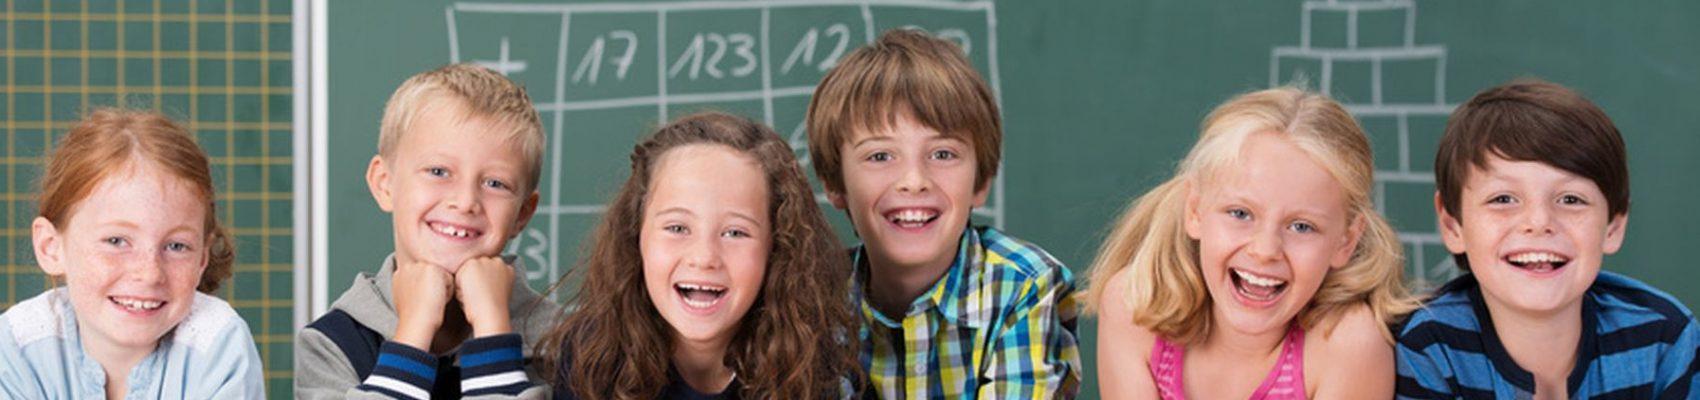 Auf dem Bild sind sechs lachende Kinder in der Schule zu sehen. Hinter hinter ihnen befindet sich eine Schultafel.